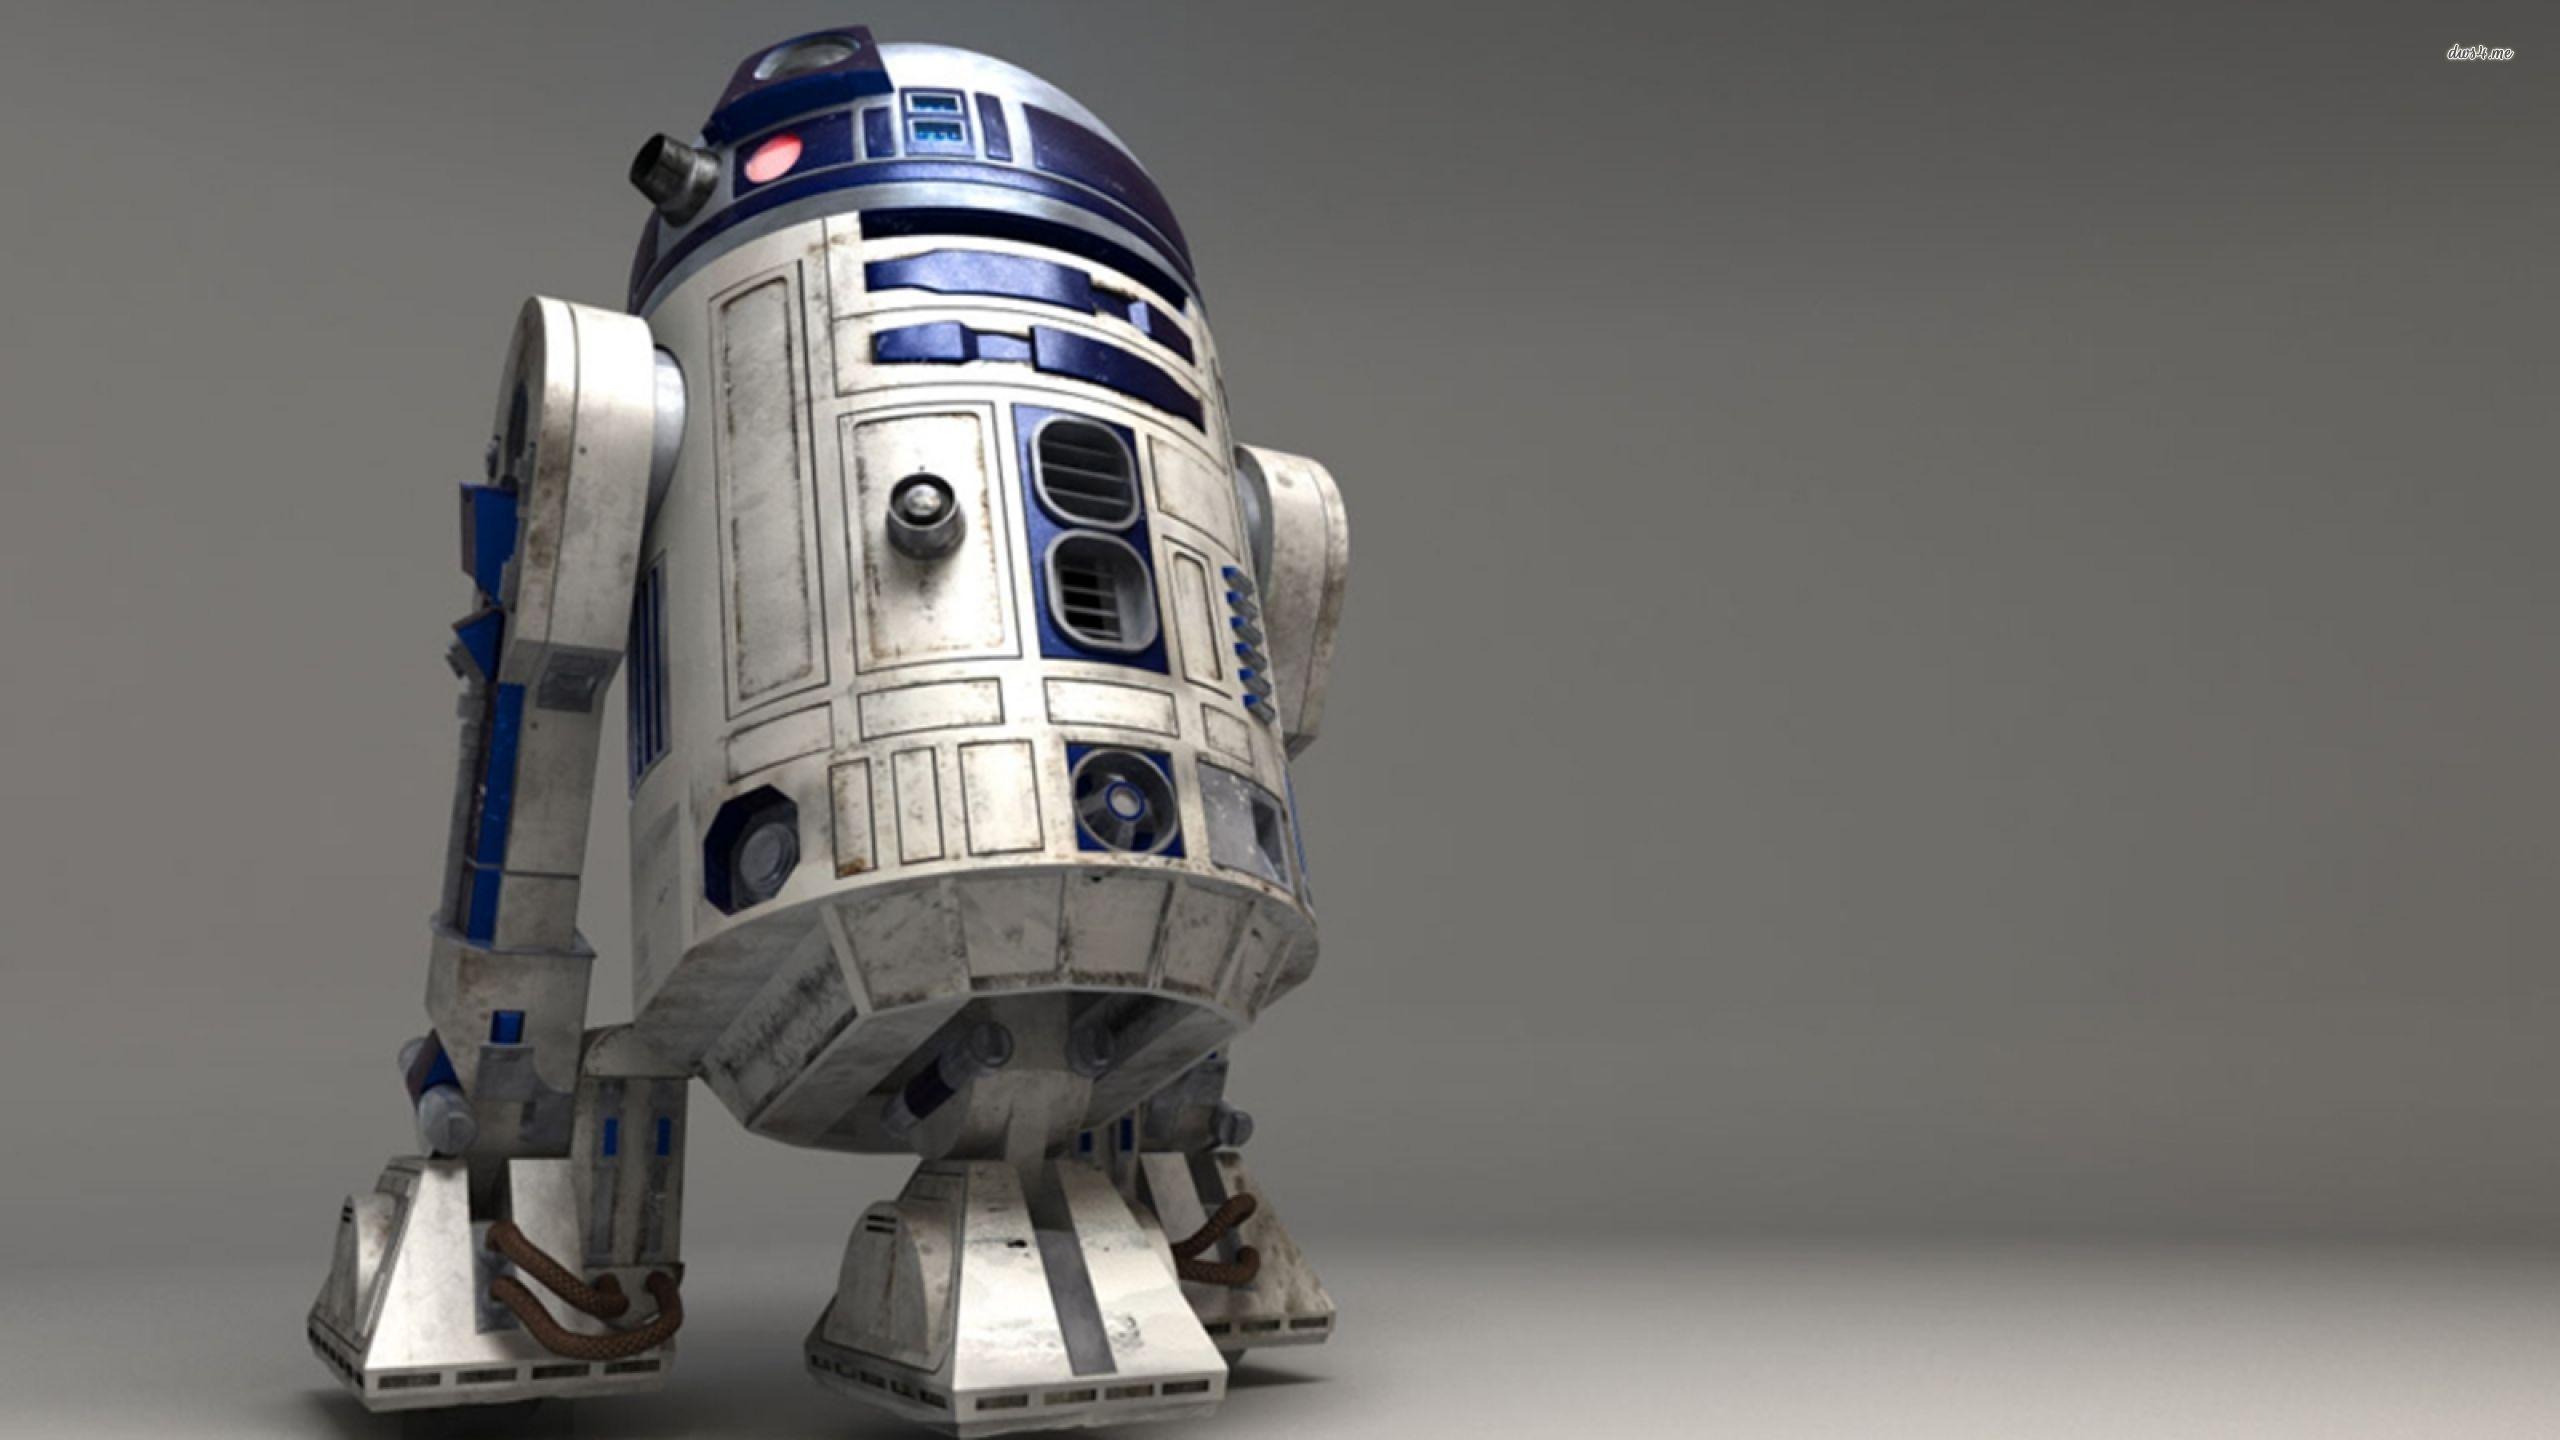 R2-D2 Wallpapers - Wallpaper Cave